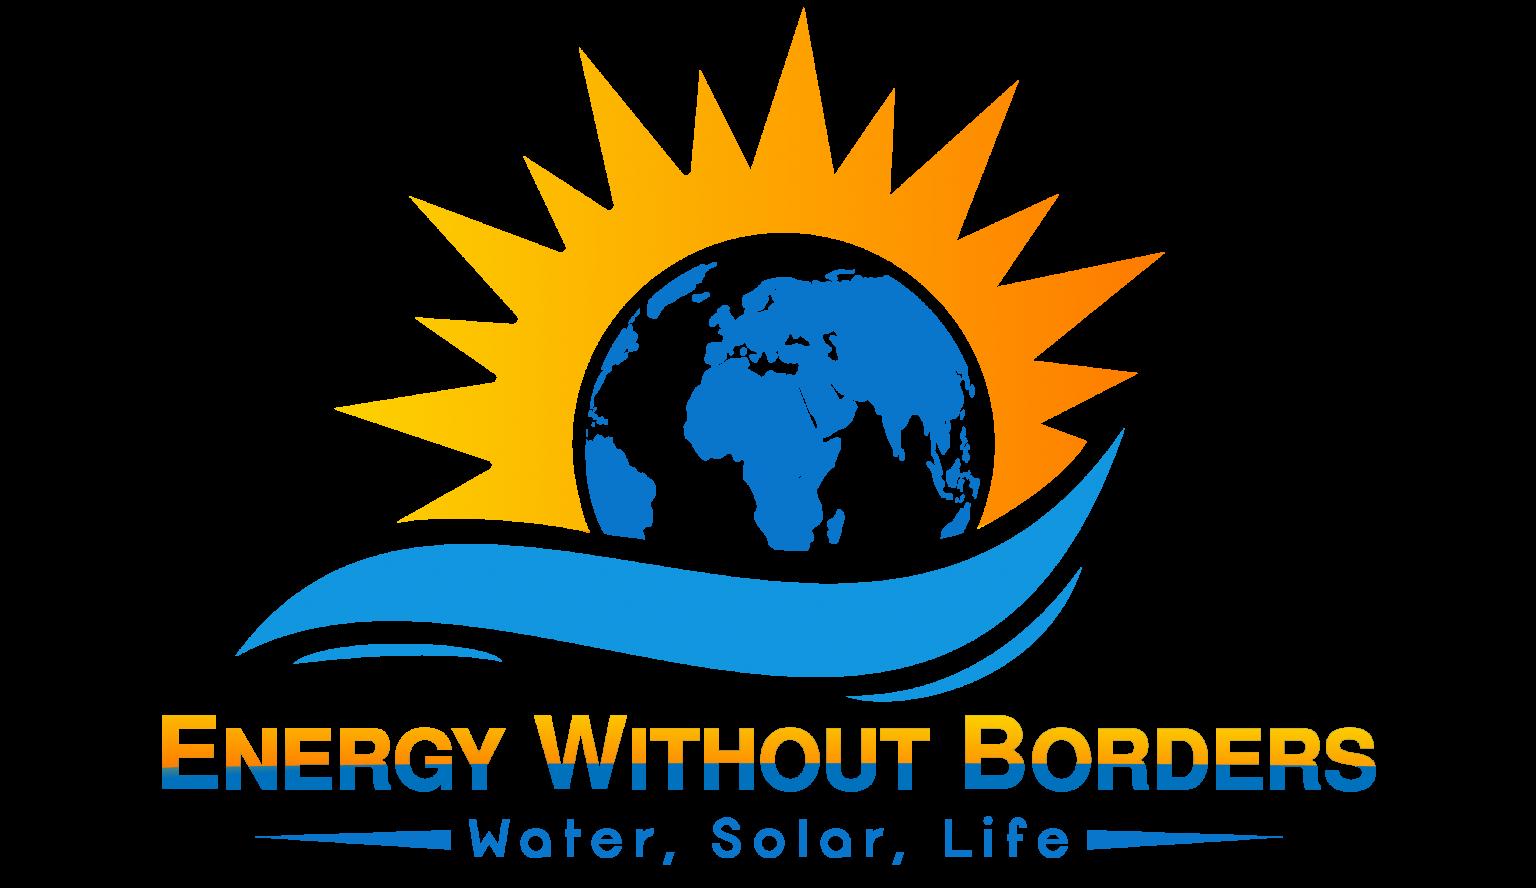 nergy without borders logo